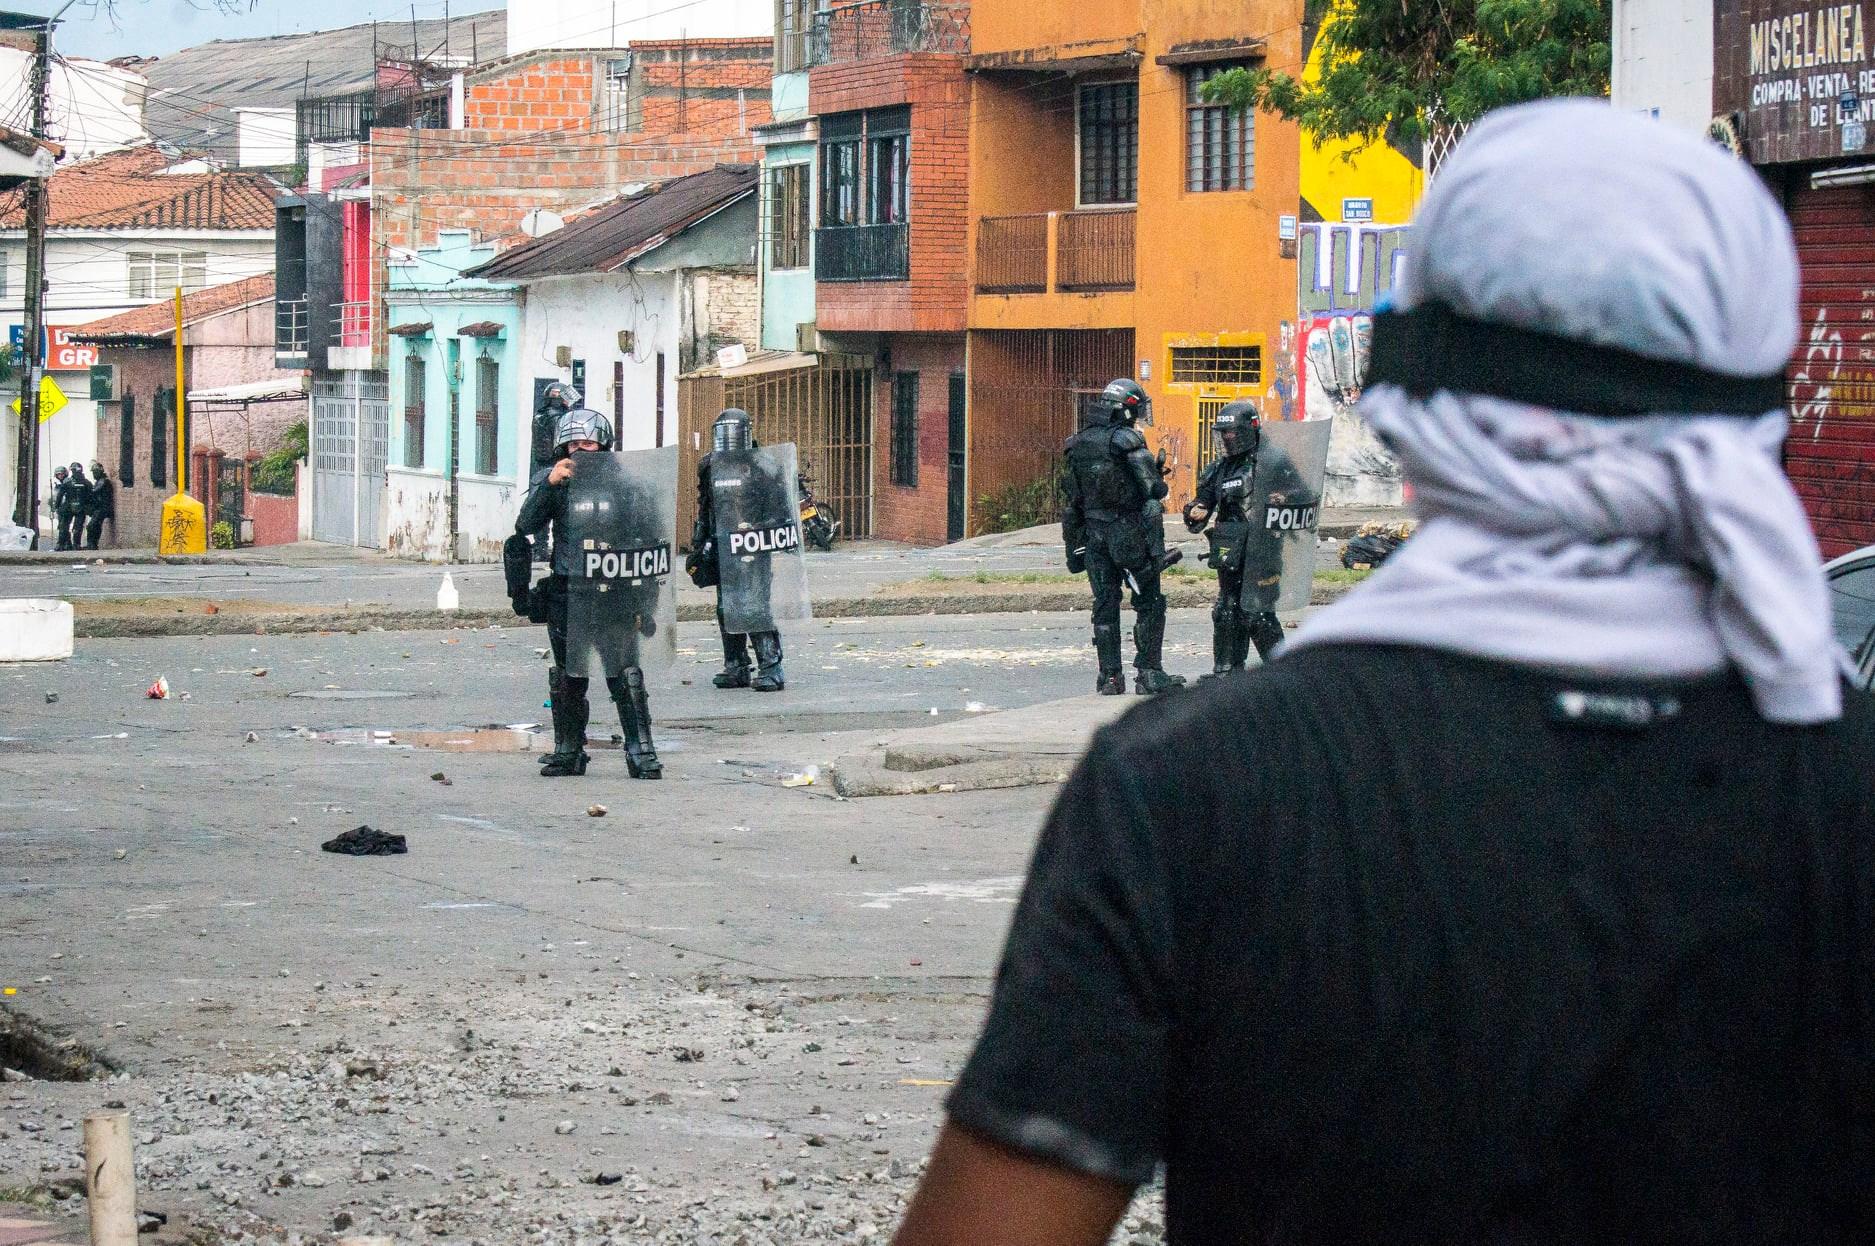 """Puede ser una imagen de una o varias personas, personas de pie, calle y texto que dice """"COMPRA VENTA- 4Y POLICIA POLICIA"""""""